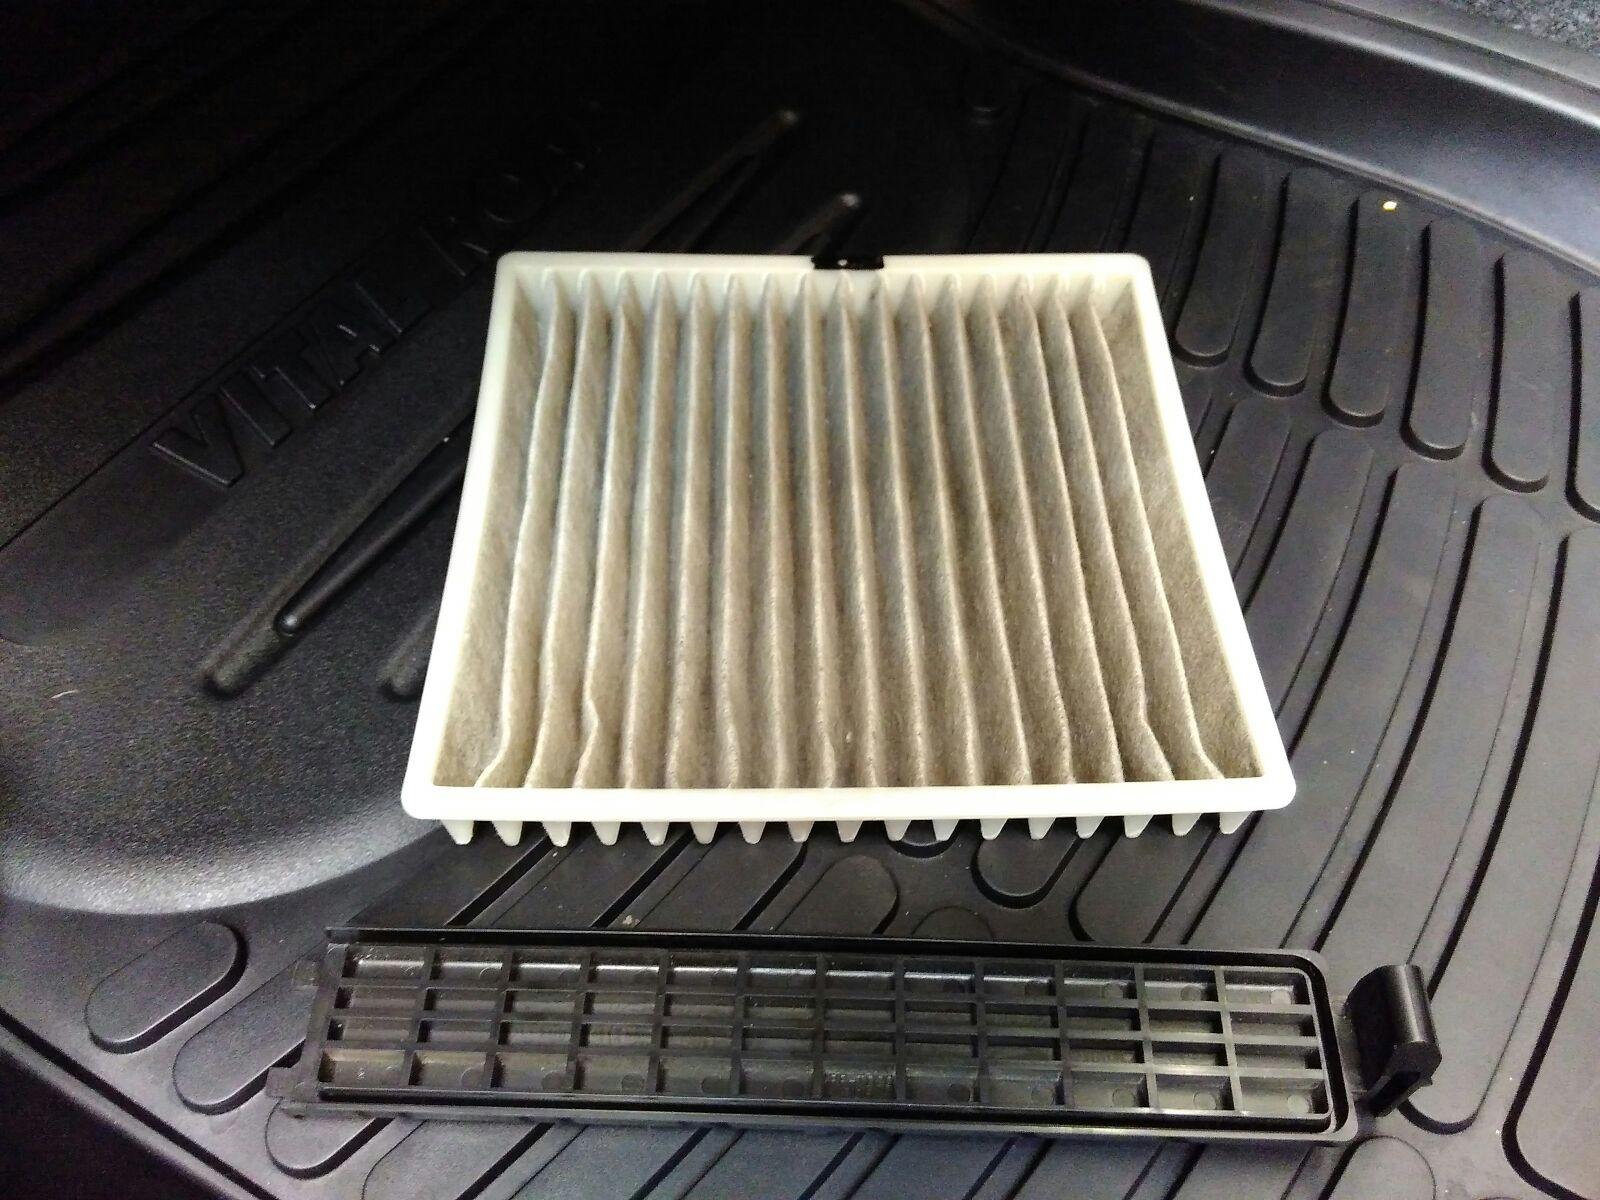 Cara Ganti Saringan Udara Kabin Mitsubishi Mirage Ferrox Filter Racing Stainless Steel For Honda Brio Harap Di Ingat Posisi Pada Saat Dilepas Sehingga Anda Tidak Terbalik Dalam Memasang